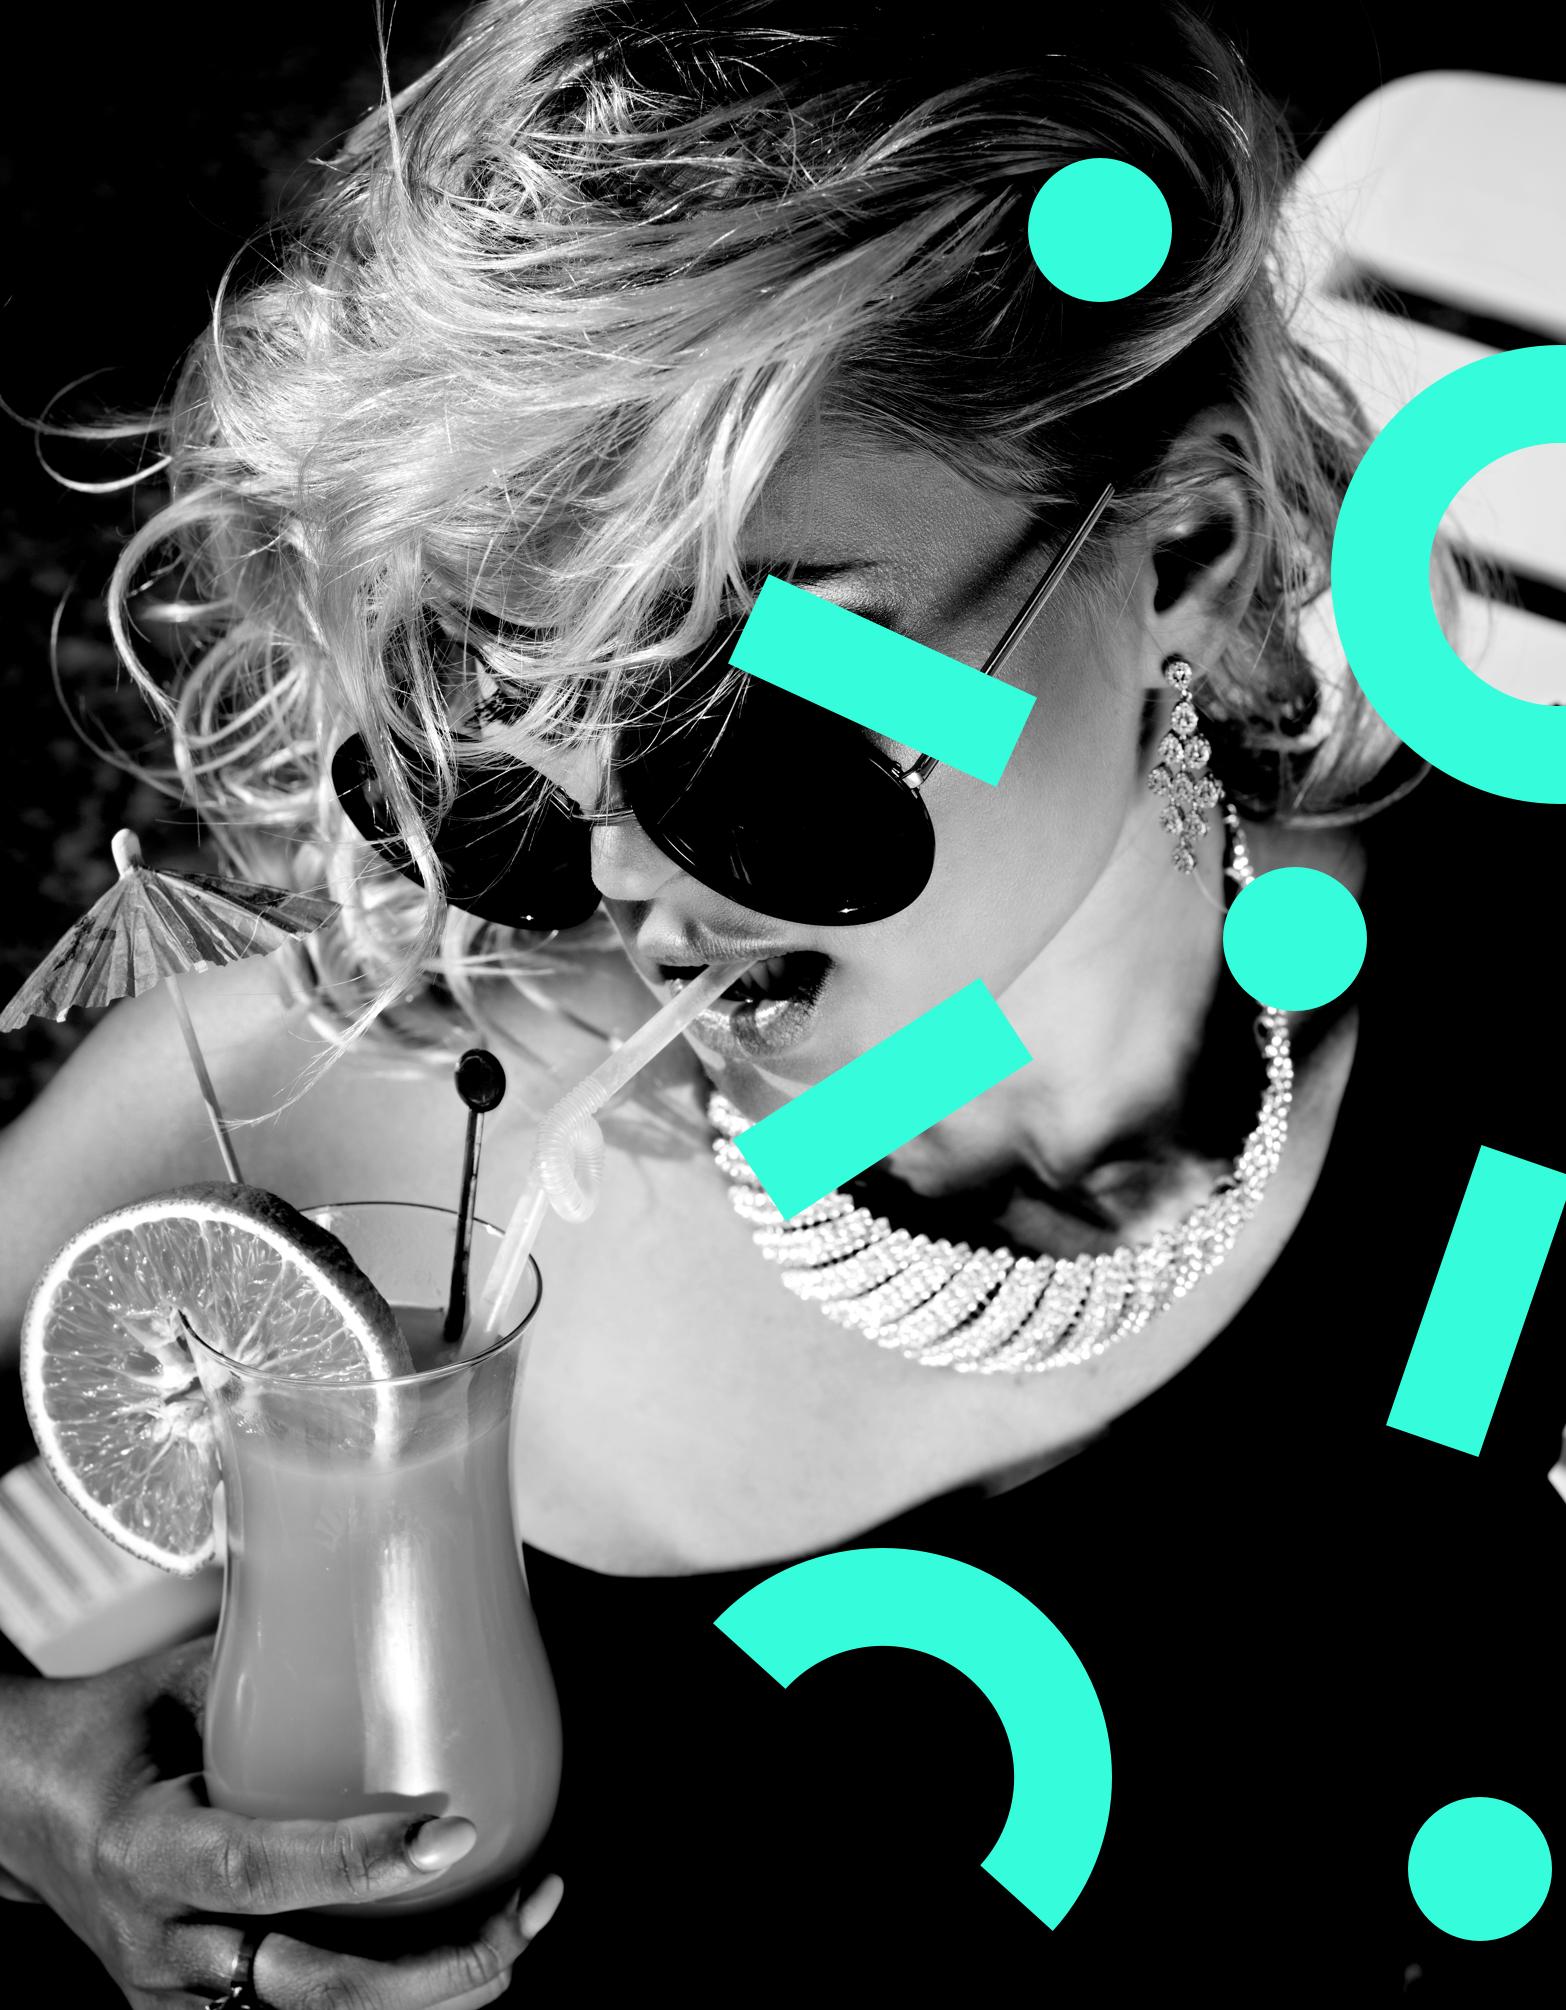 ¿Tienen futuro las bebidas alcohólicas?